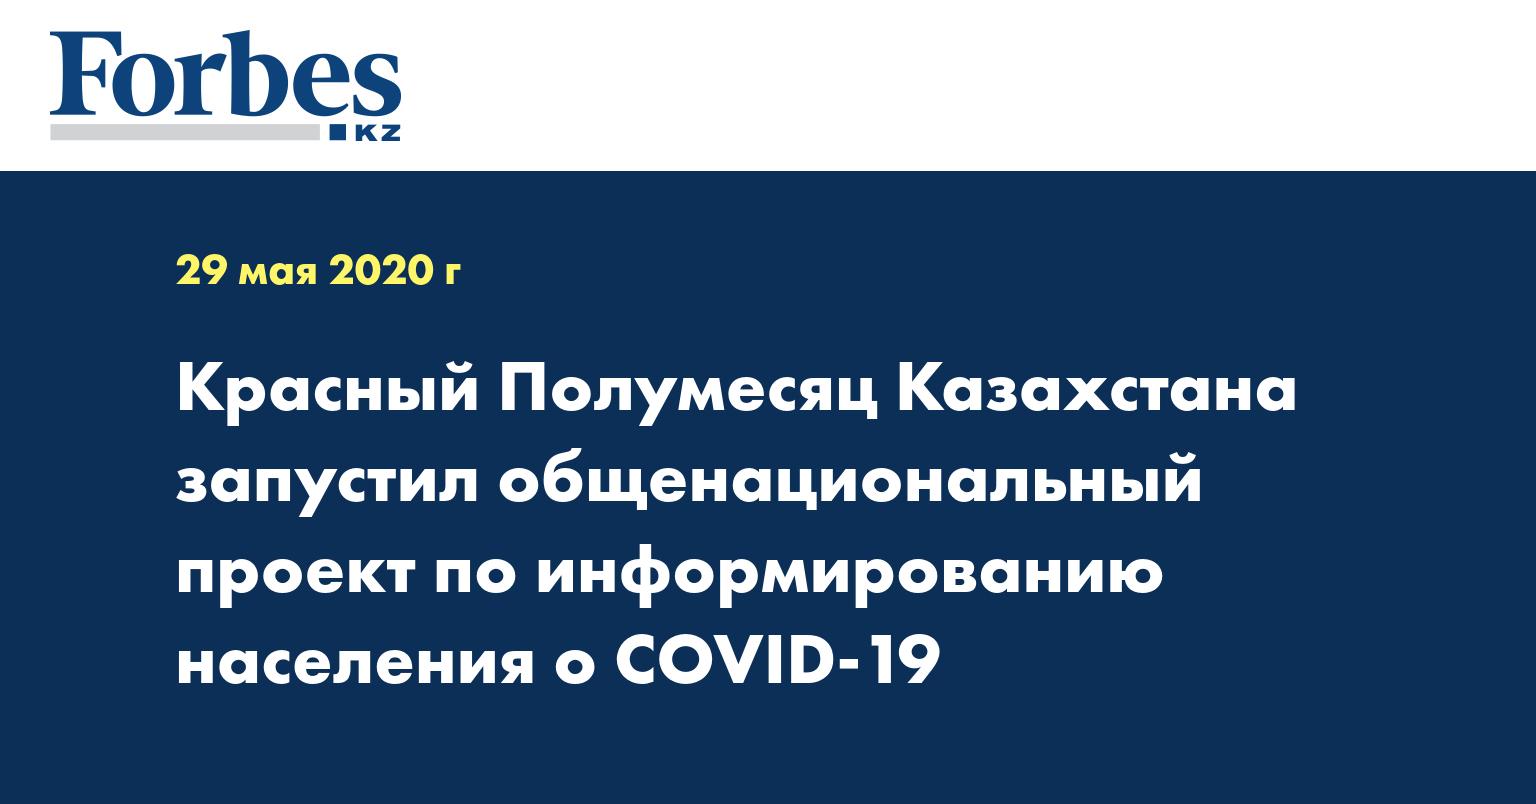 Красный Полумесяц Казахстана запустил общенациональный проект по информированию населения о COVID-19